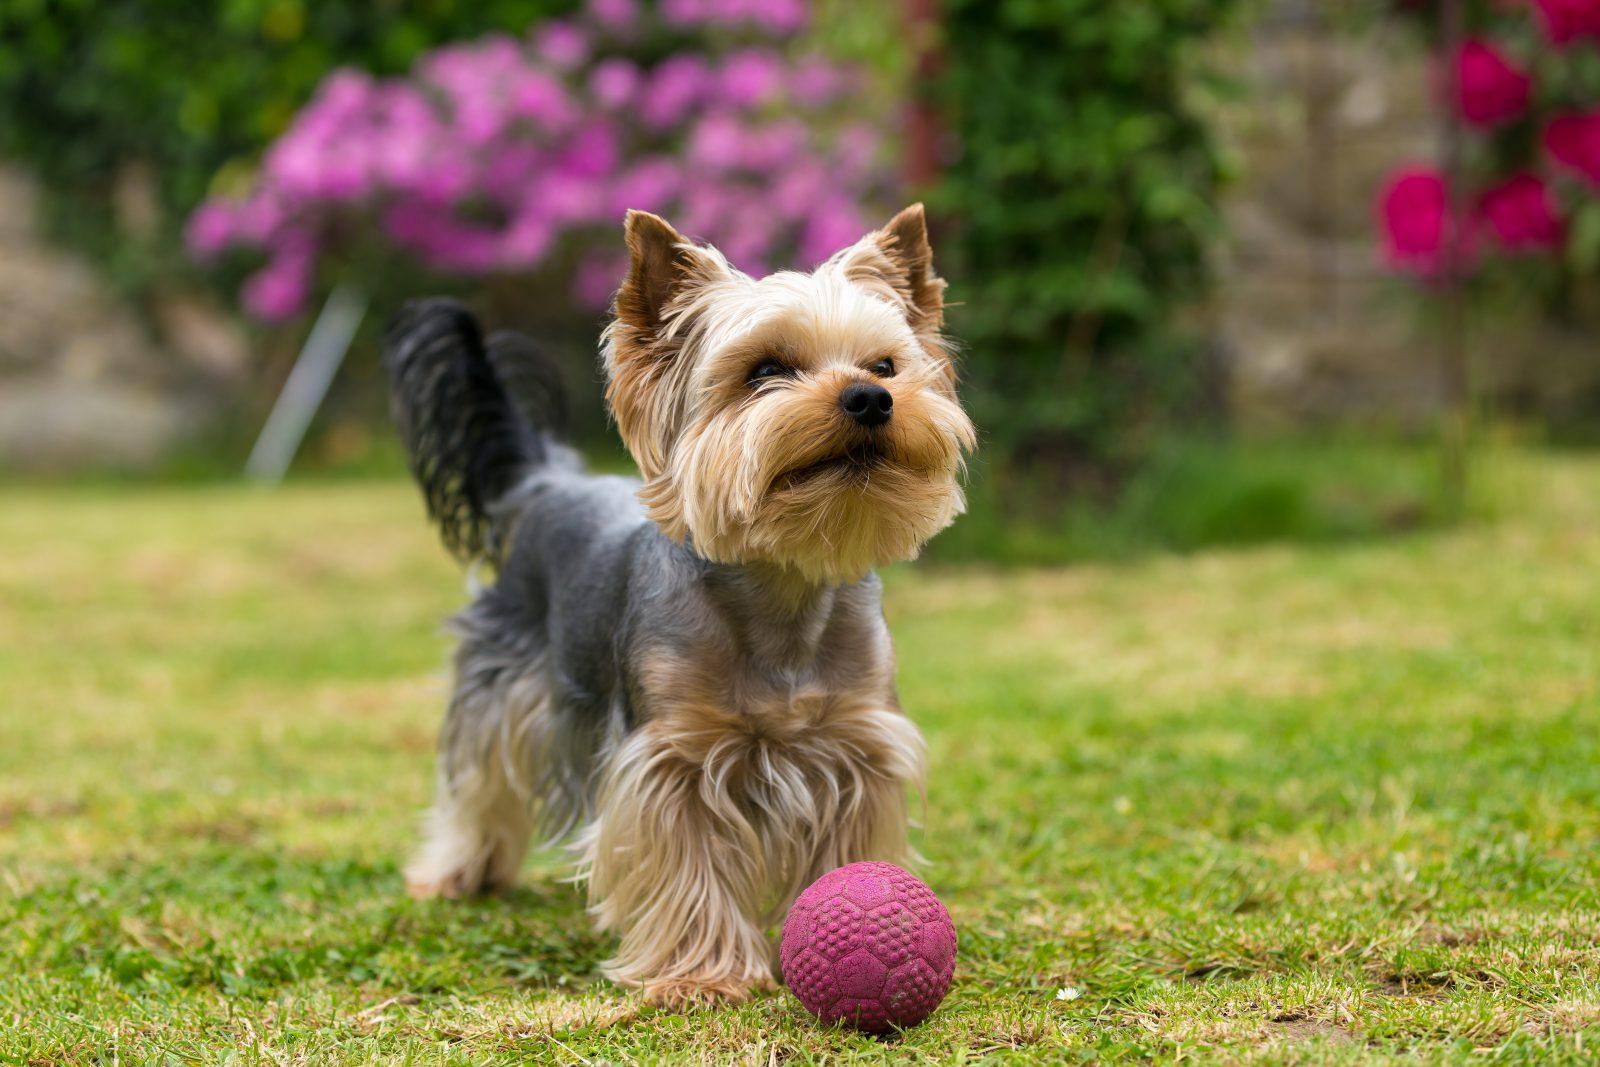 Cachorro latindo: Yorkshire Terrier filhote brincando com bolinha no jardim.